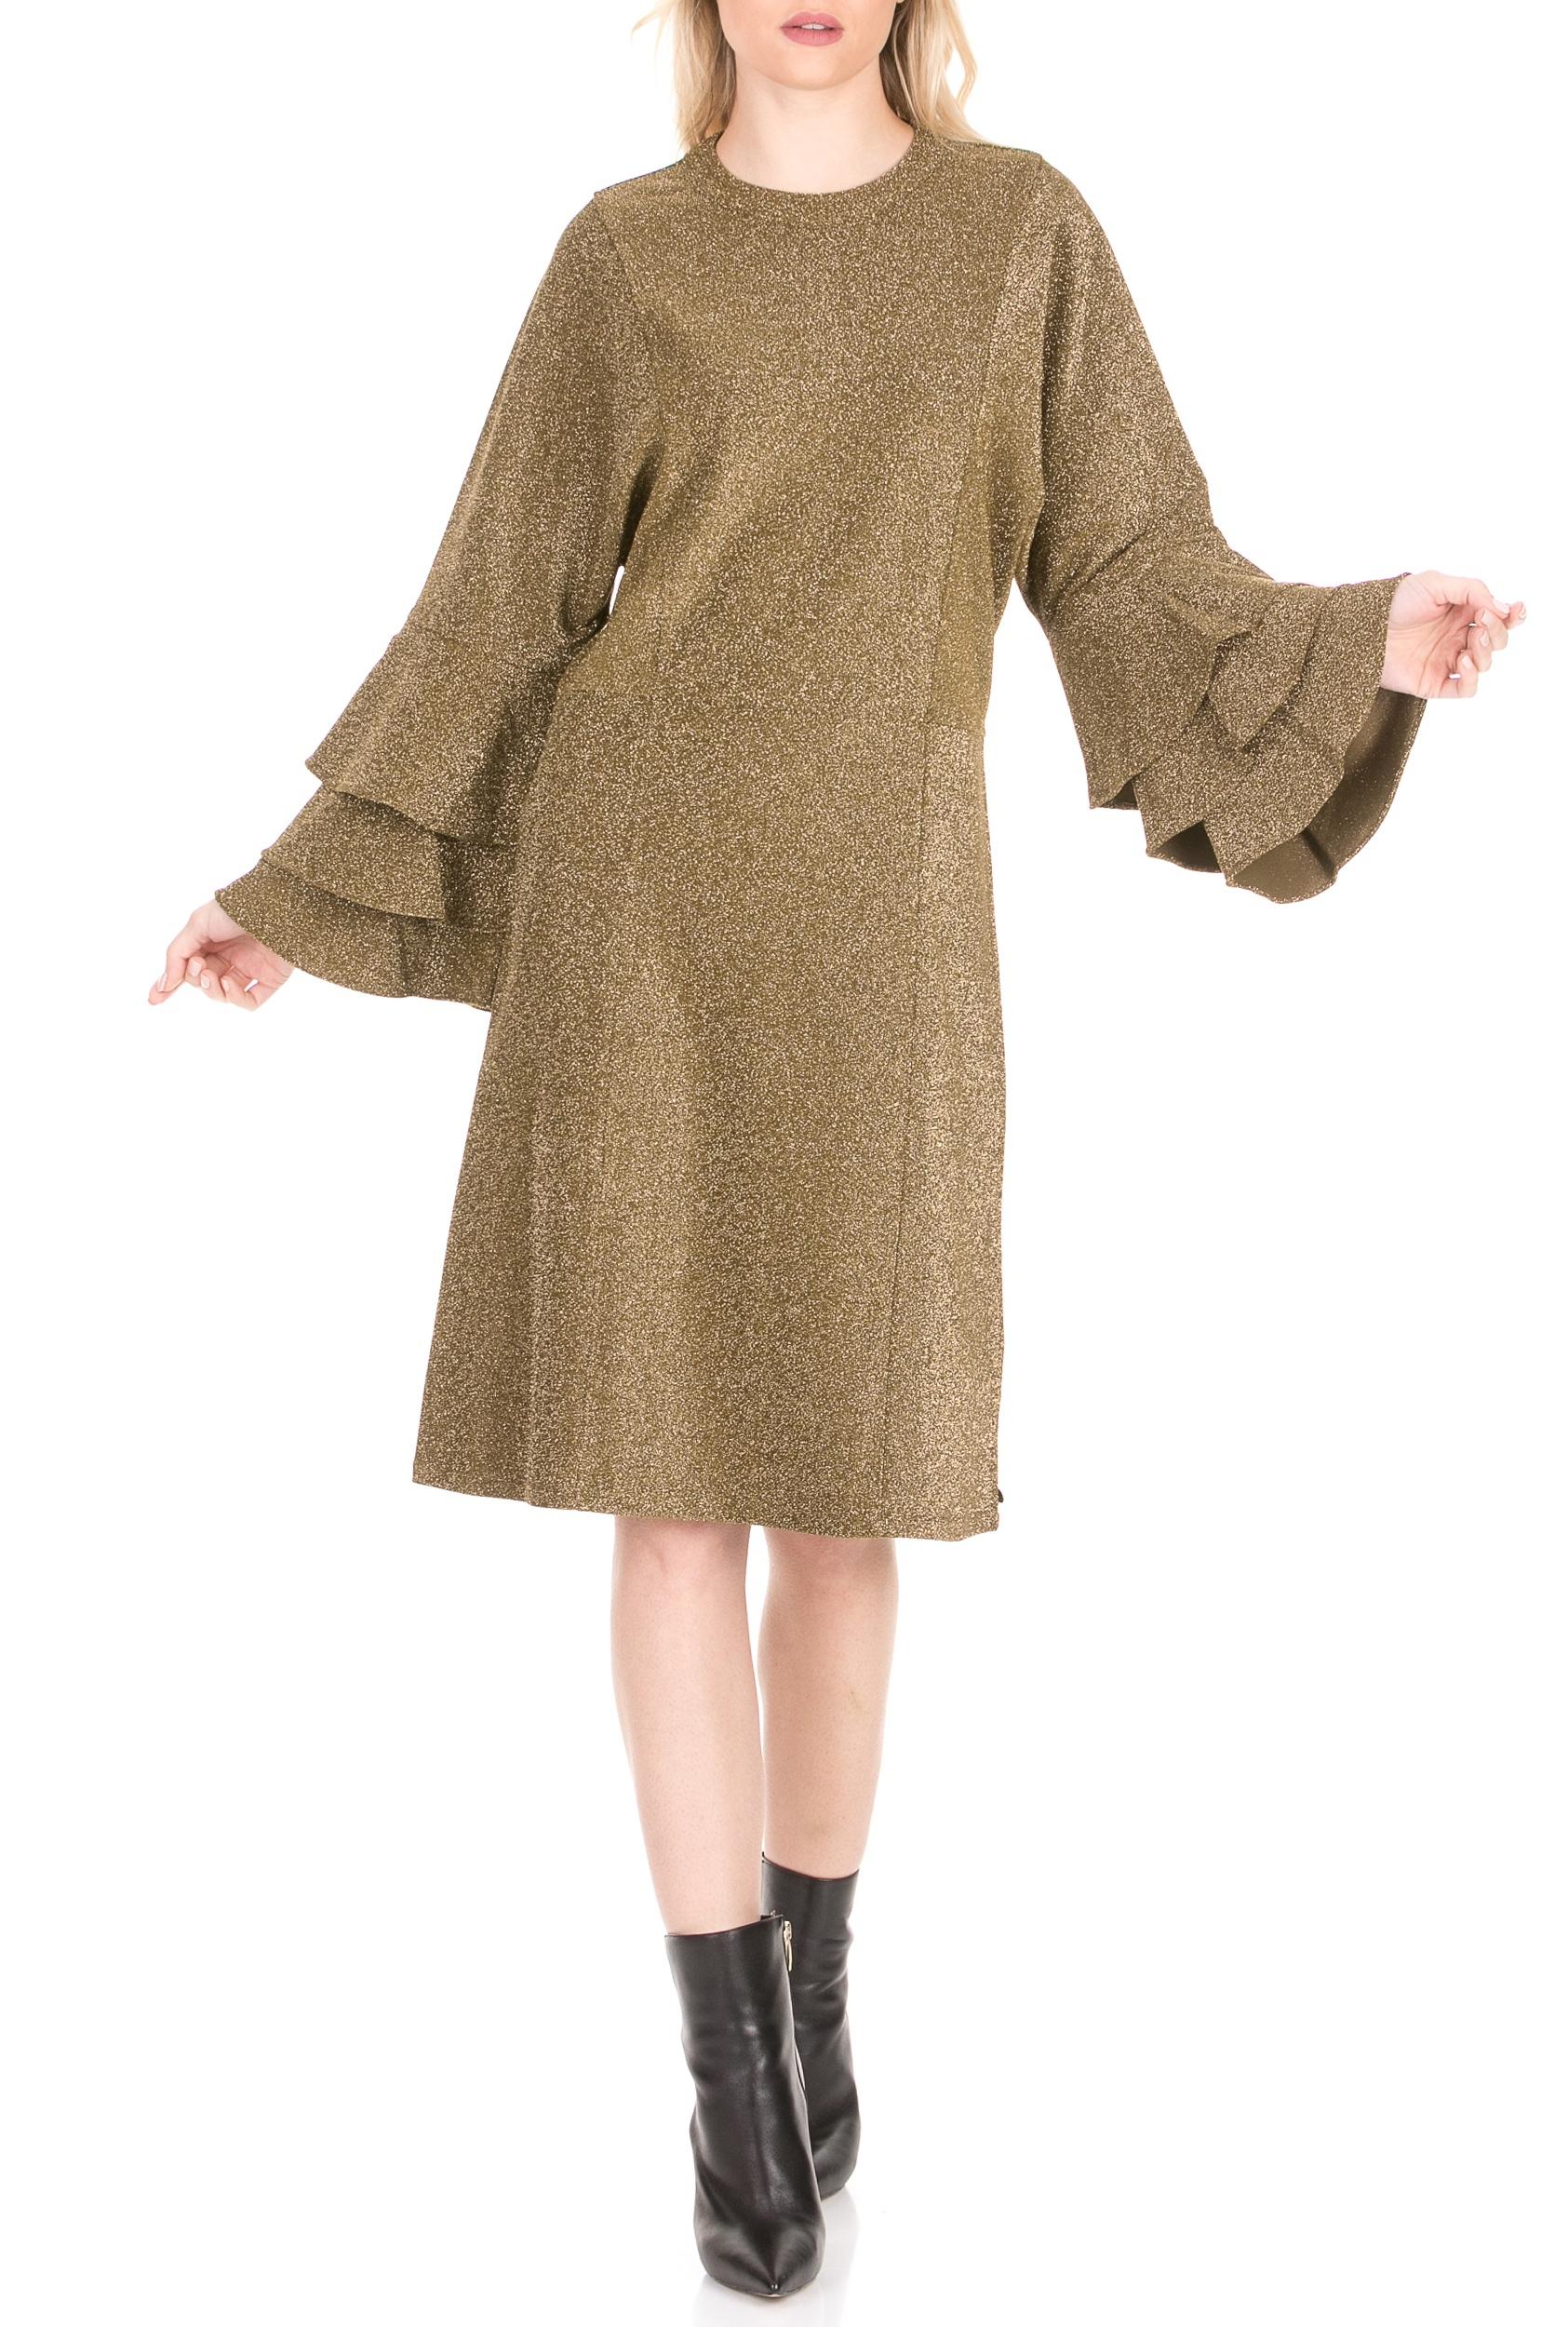 SCOTCH & SODA - Γυναικείο μίνι φόρεμα SCOTCH & SODA πράσινο γυναικεία ρούχα φόρεματα μίνι